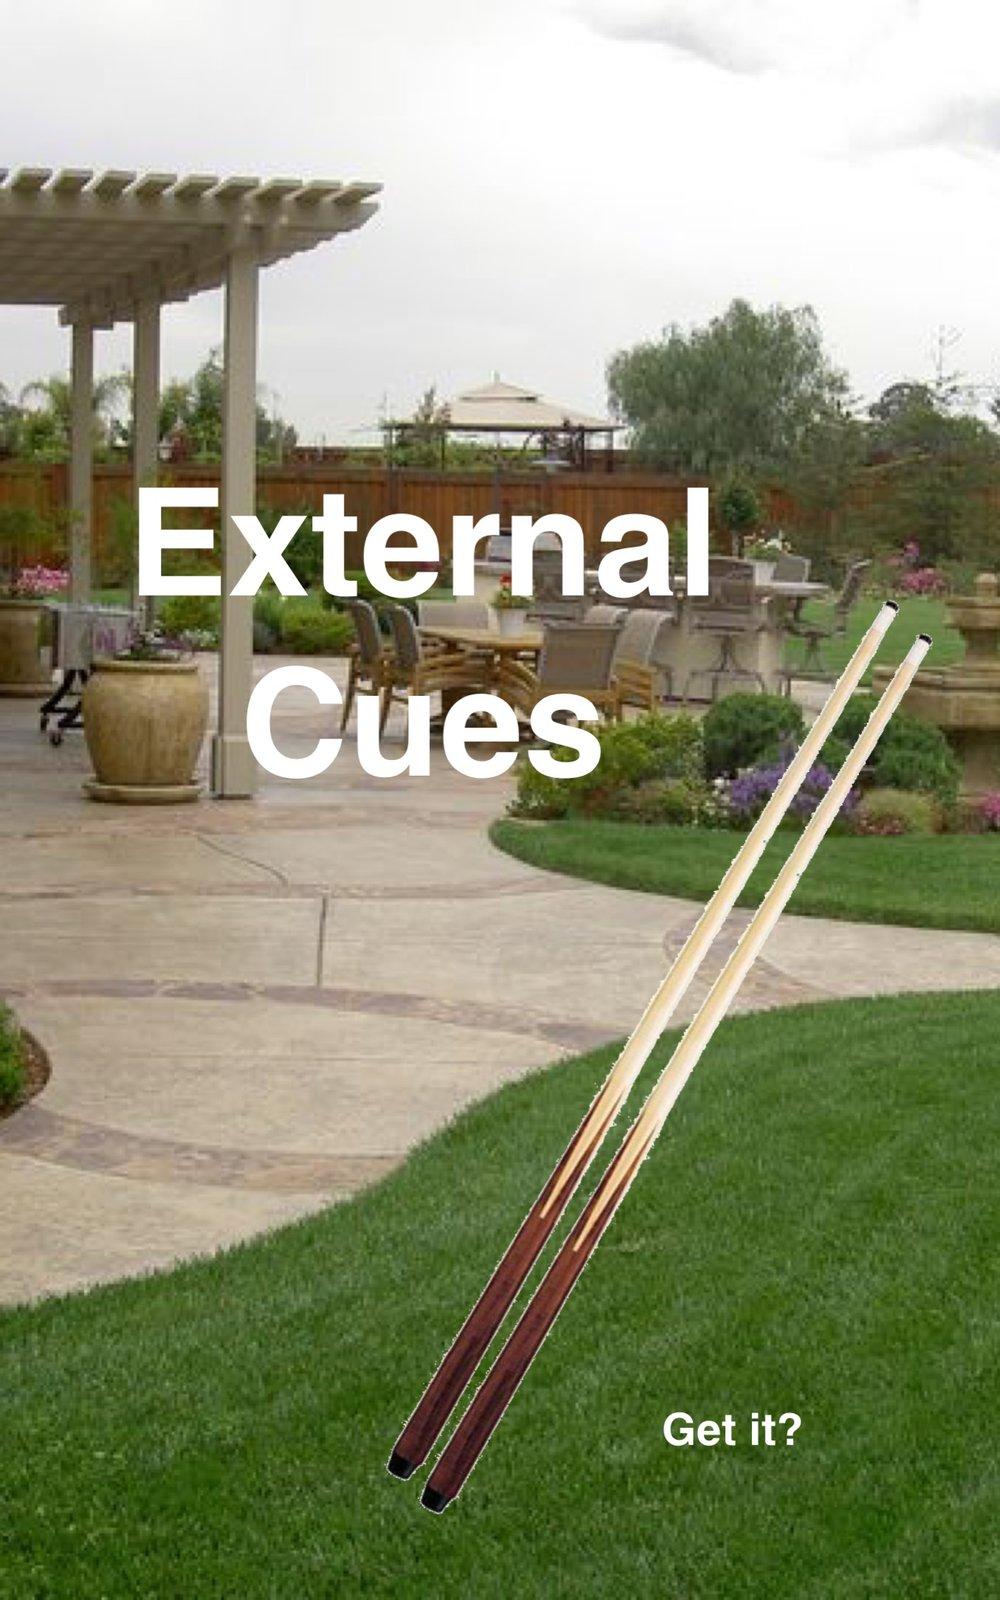 External Cues02.jpg